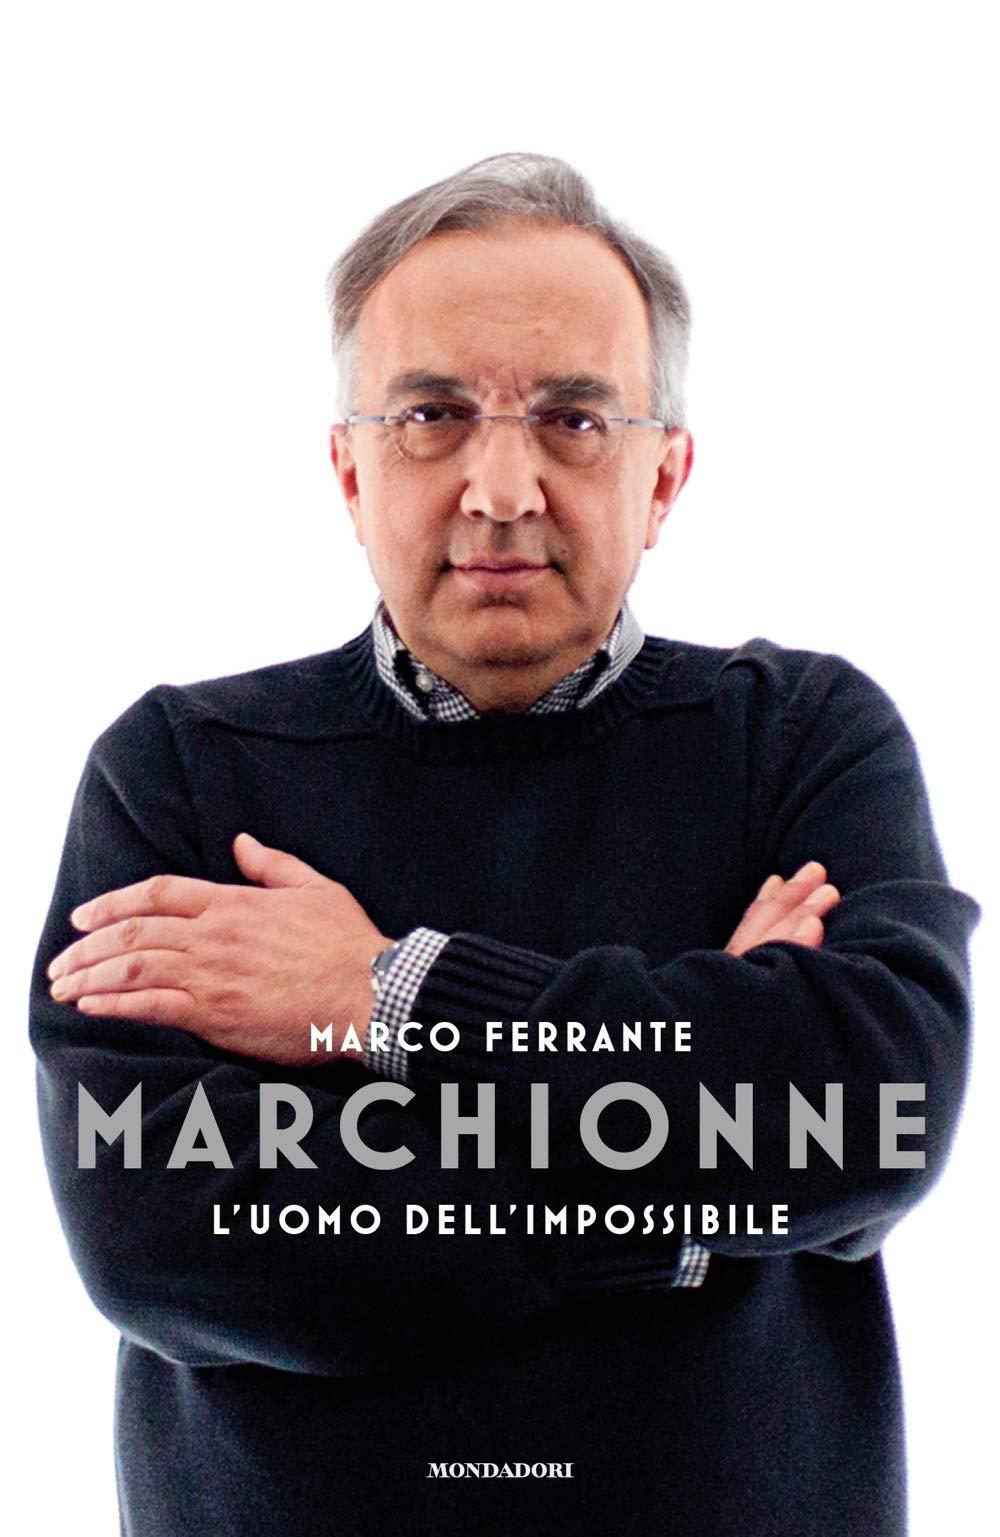 Marchionne. L'uomo dell'impossibile Copertina rigida – 28 ago 2018 Marco Ferrante Mondadori 8804708239 ECONOMIA